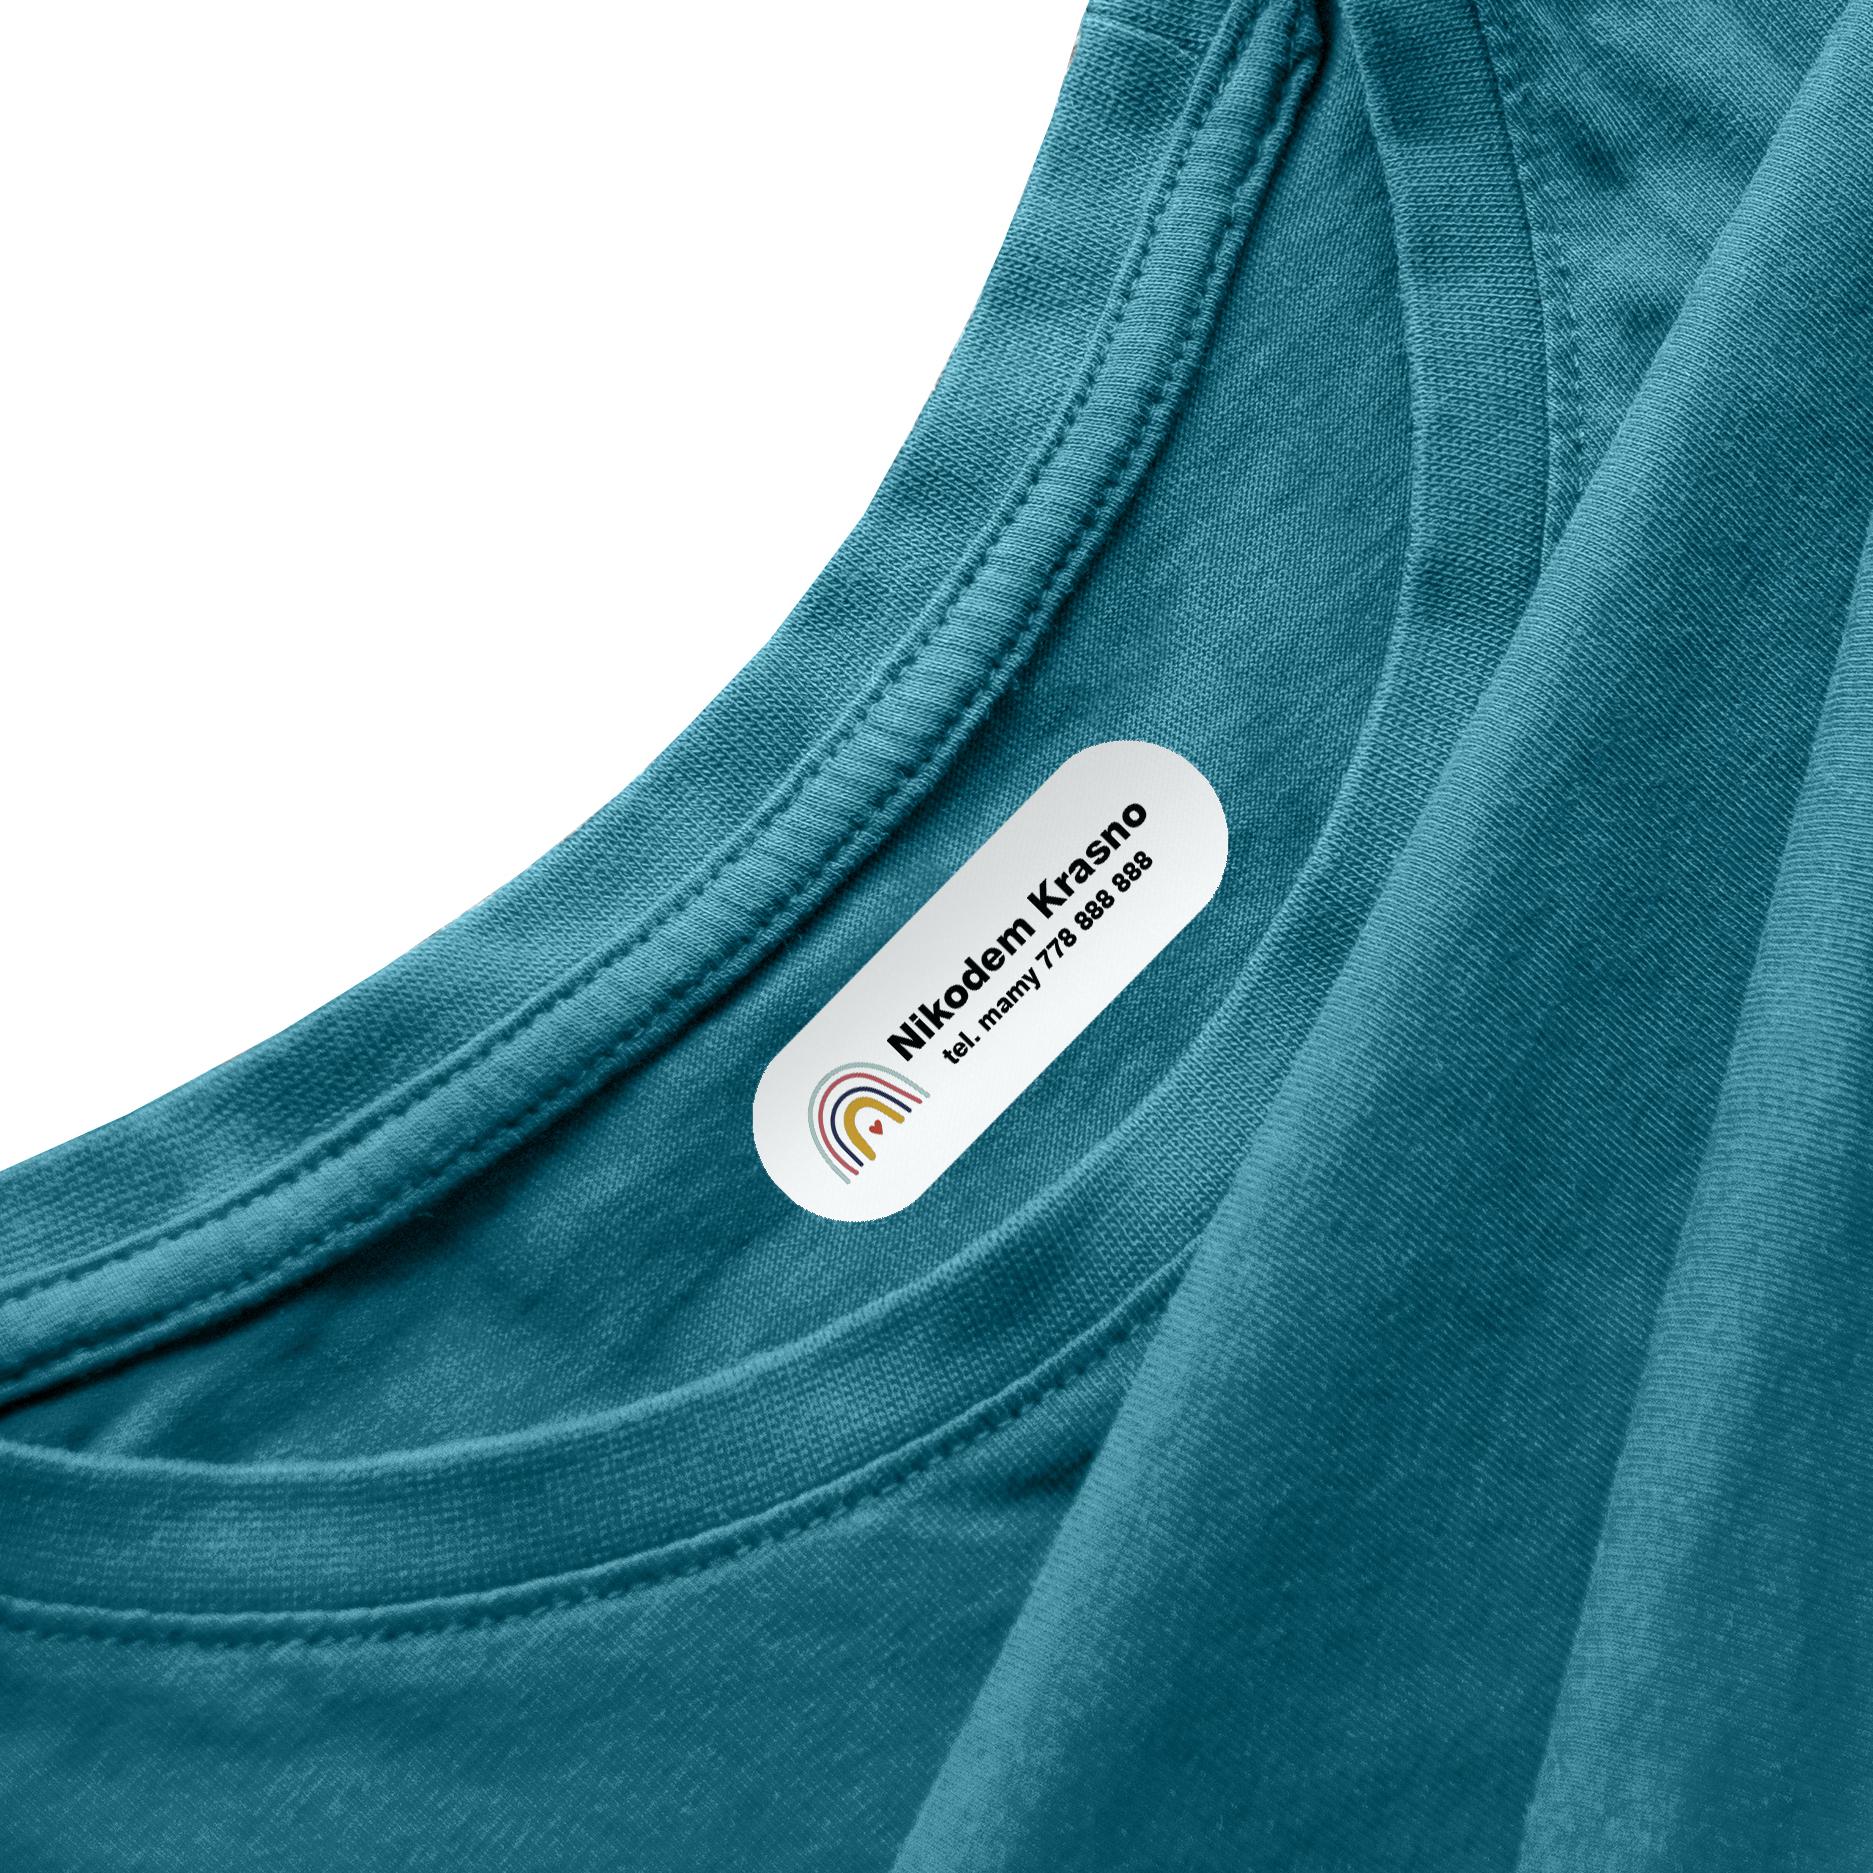 Naprasowanki na ubrania naprasowanka imienna metki dla dziecka tęcza z serduszkiem